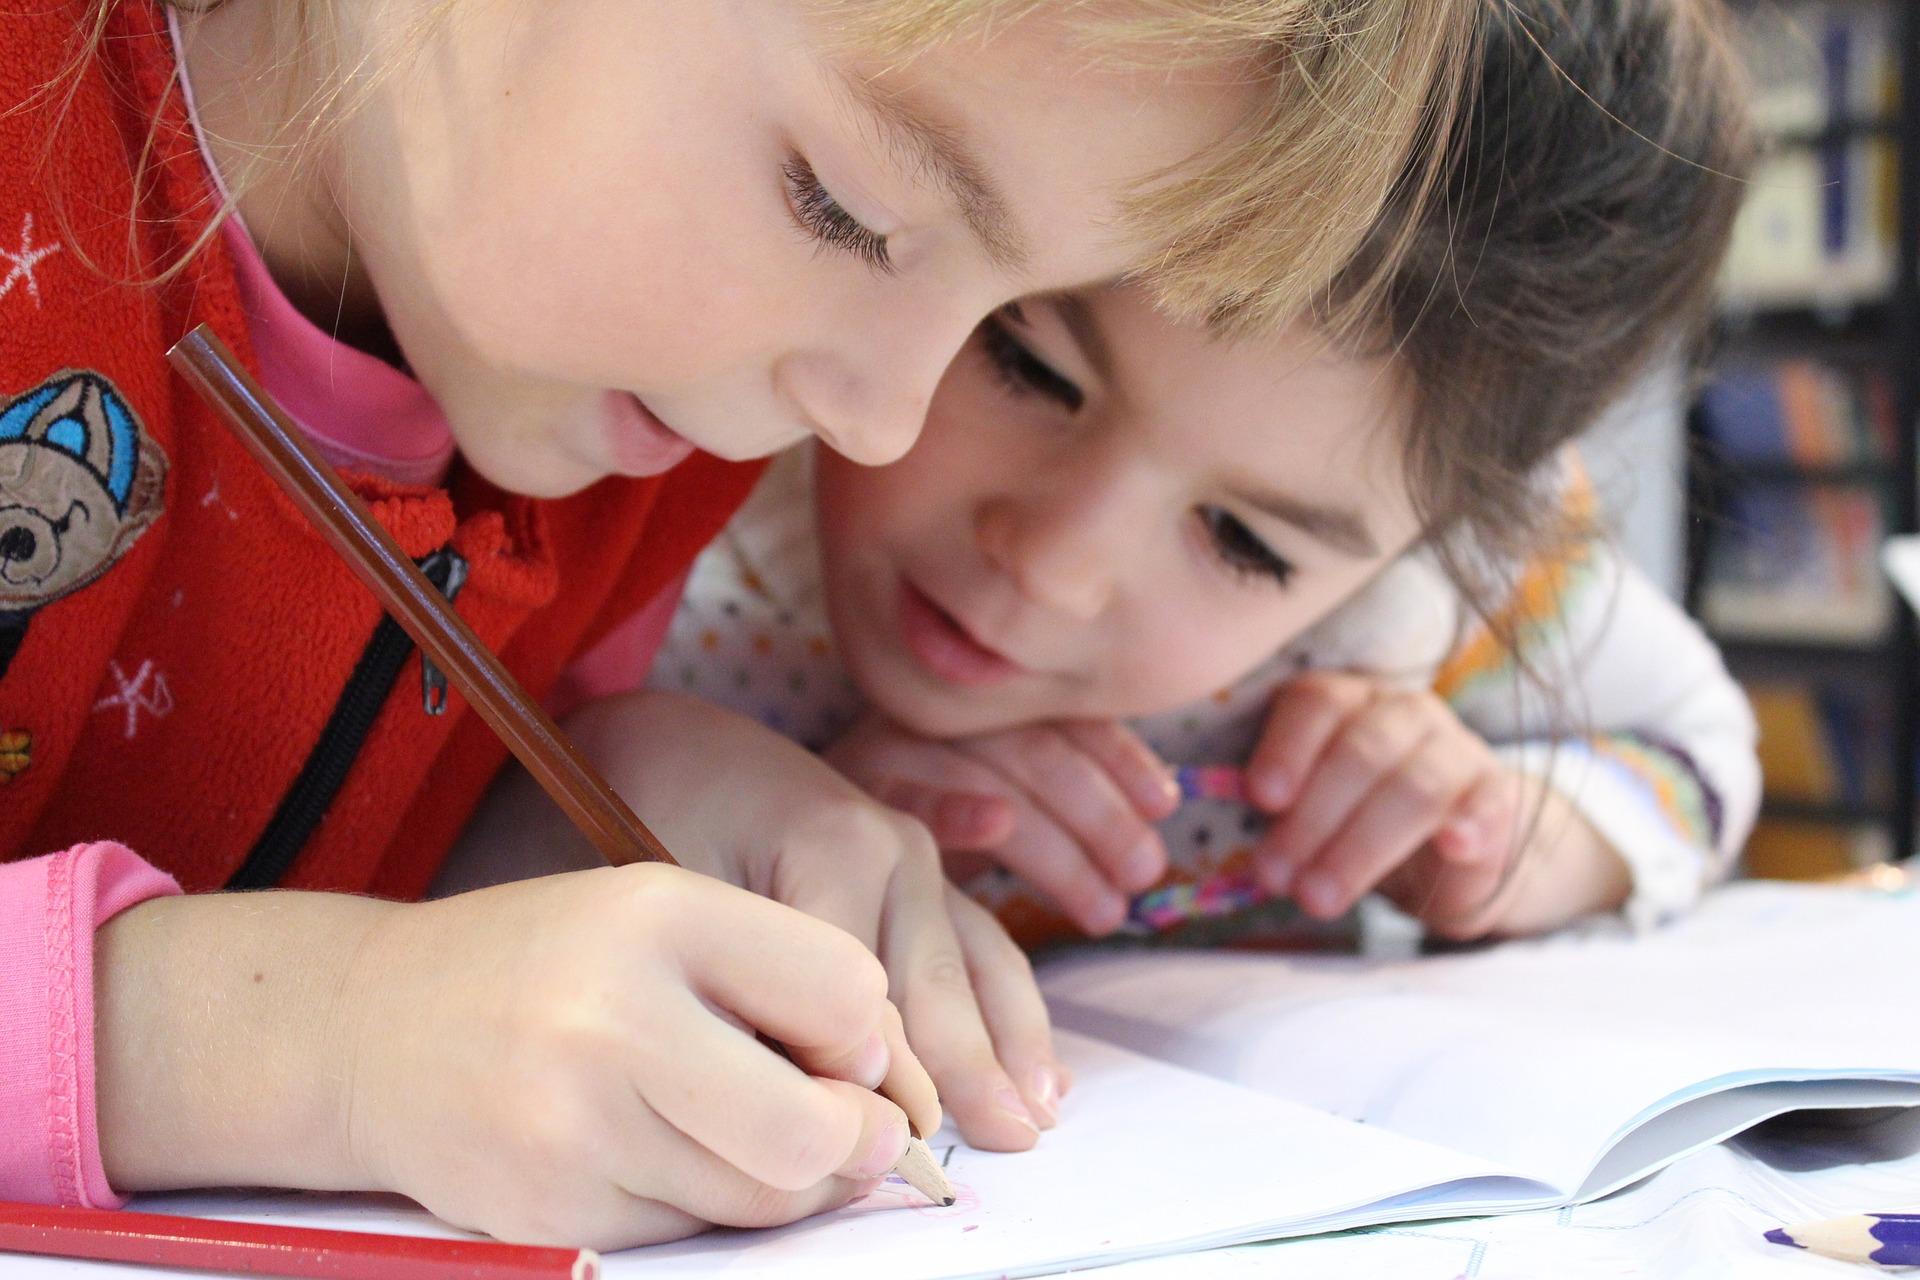 Děti zdětských domovů se ve škole nemusí cítit méněcennými